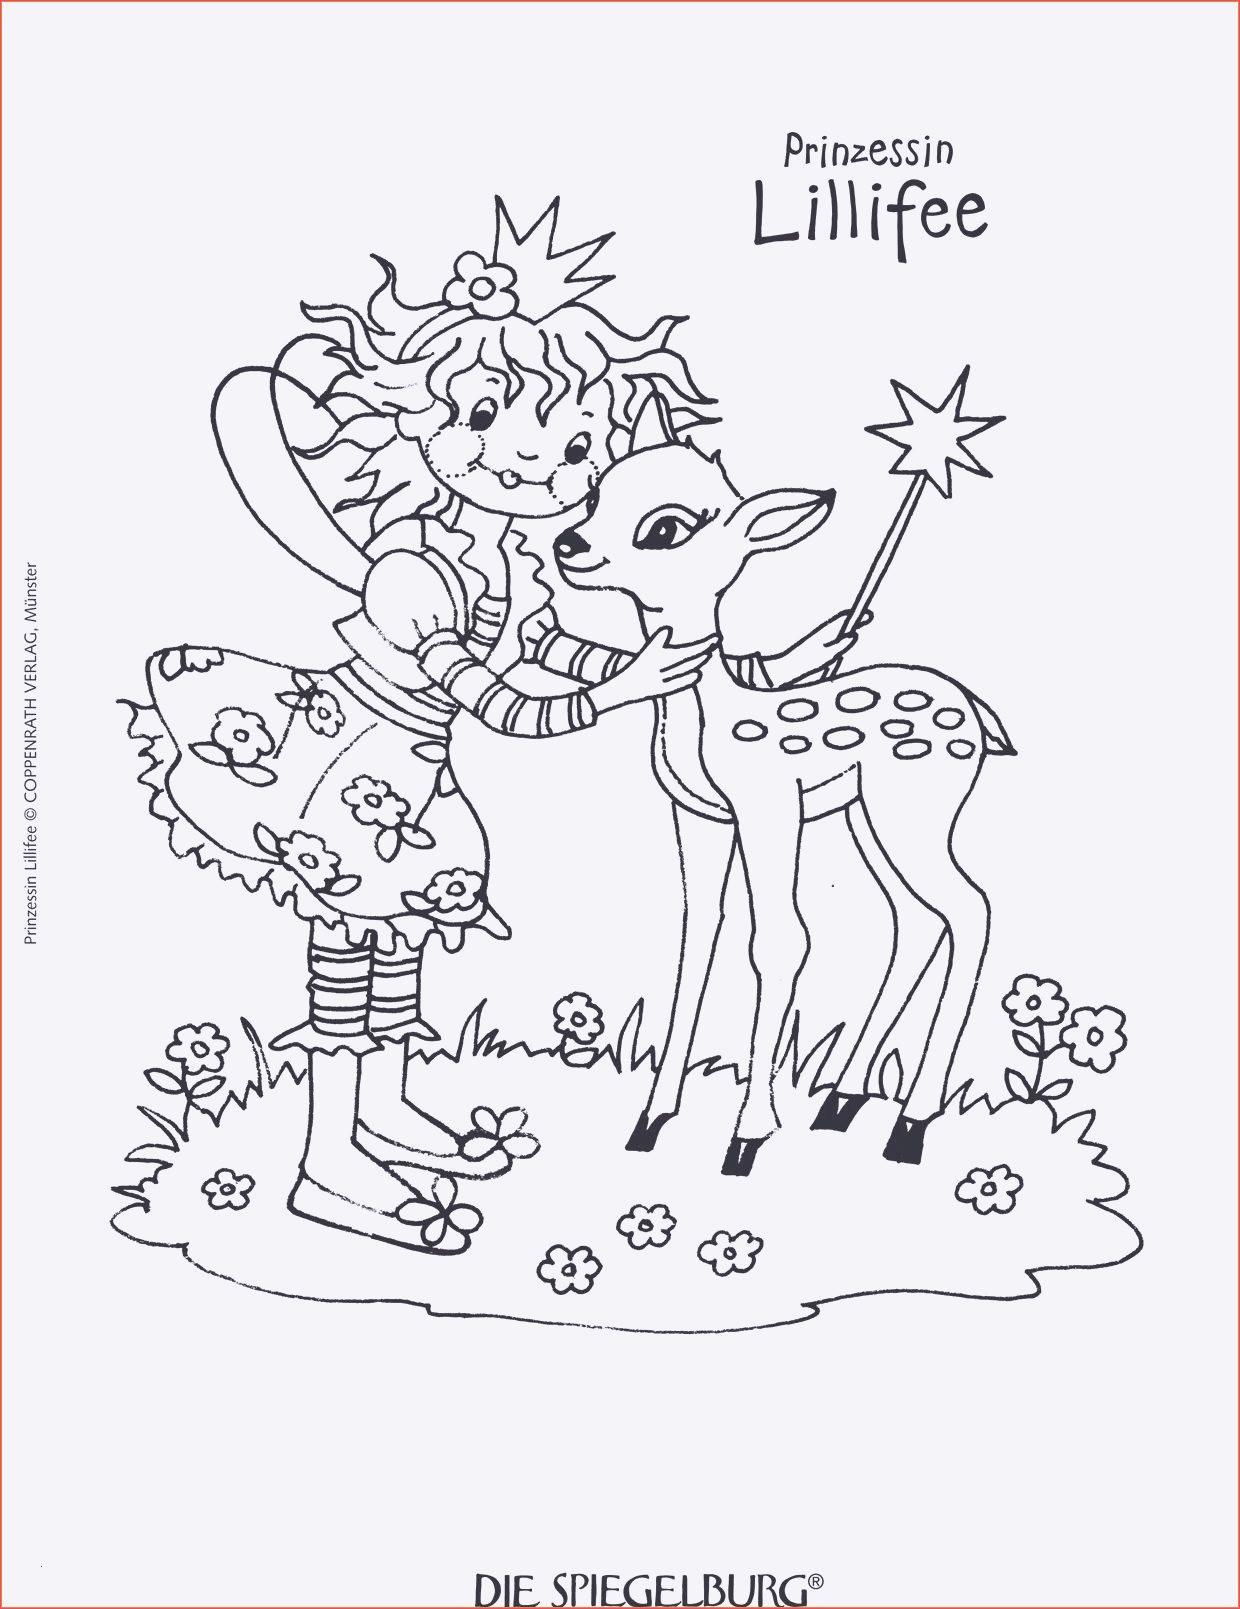 Ausmalbilder Ich Einfach Unverbesserlich Inspirierend Minnie Mouse Malvorlagen Inspirierend Christmas Coloring Pages Bilder